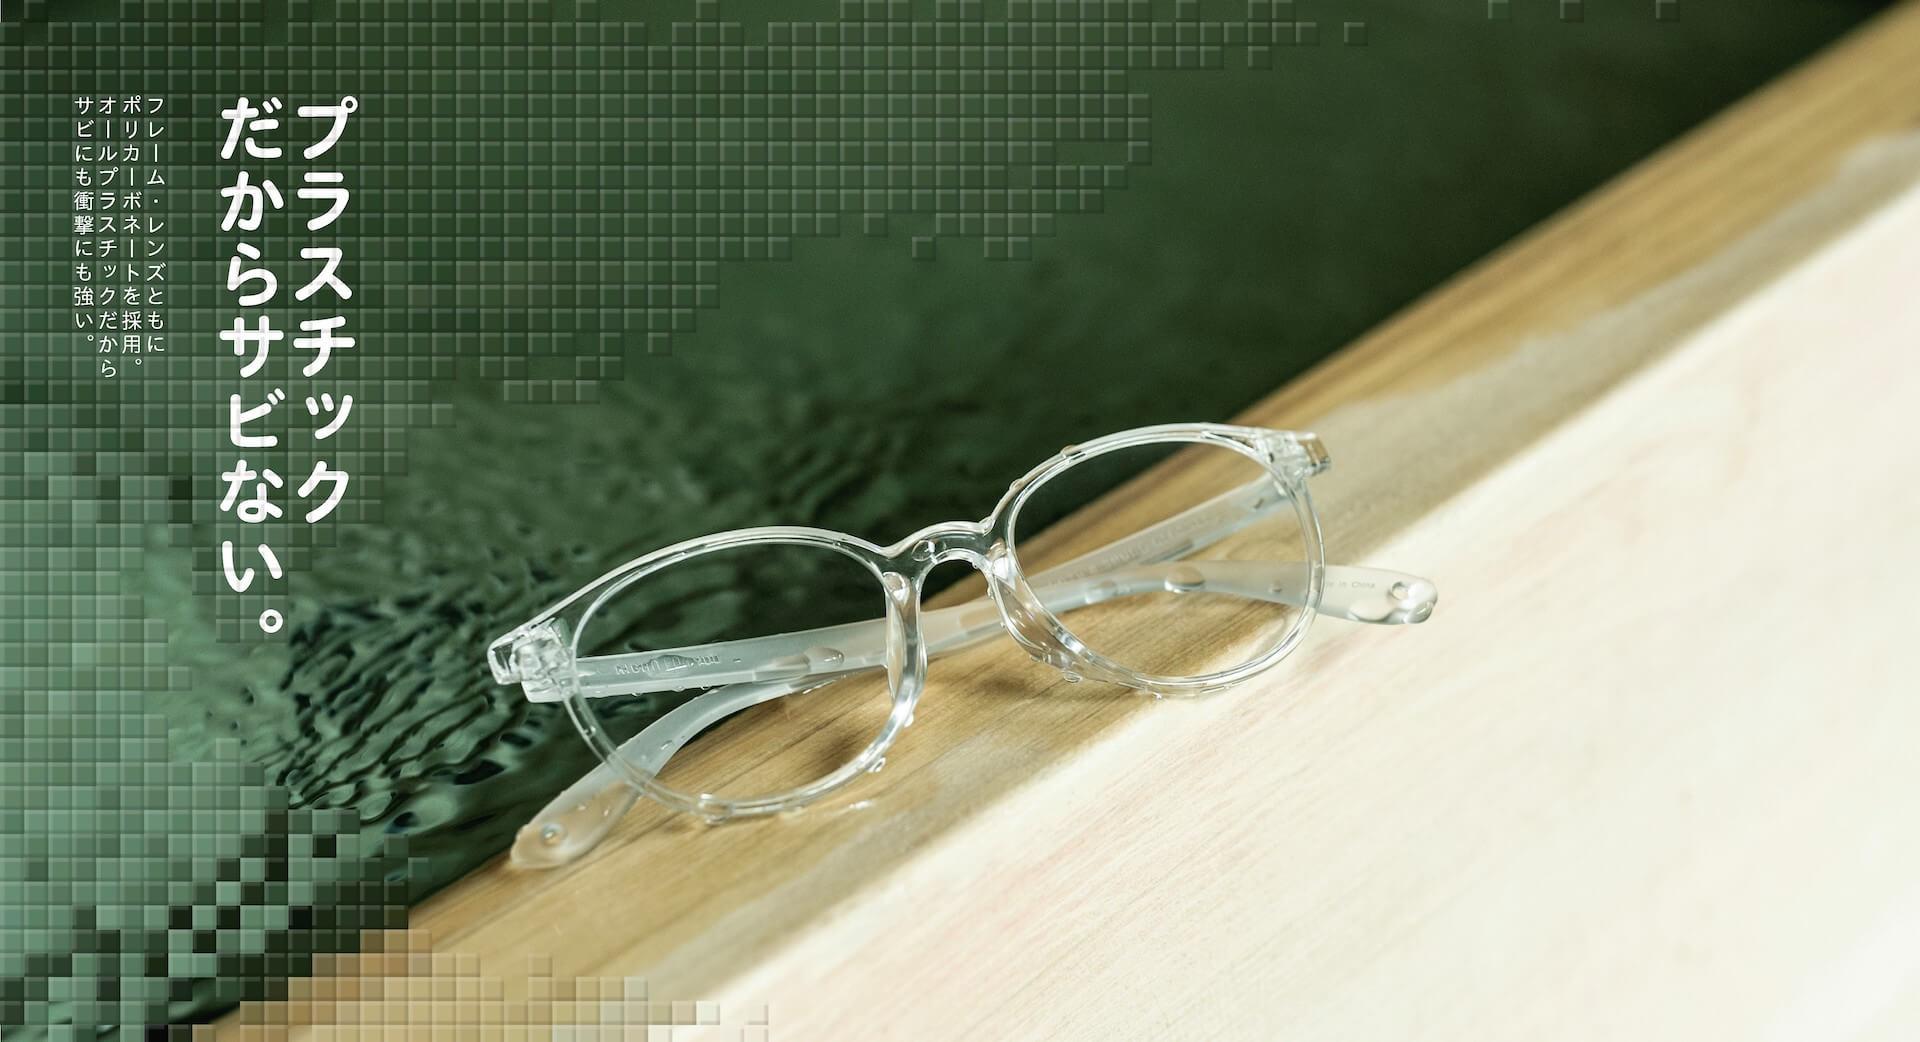 メガネの愛眼からファッショナブルなサウナ用メガネが登場!「アイガン FORゆII」が販売開始 life210610_aigan_sauna_5